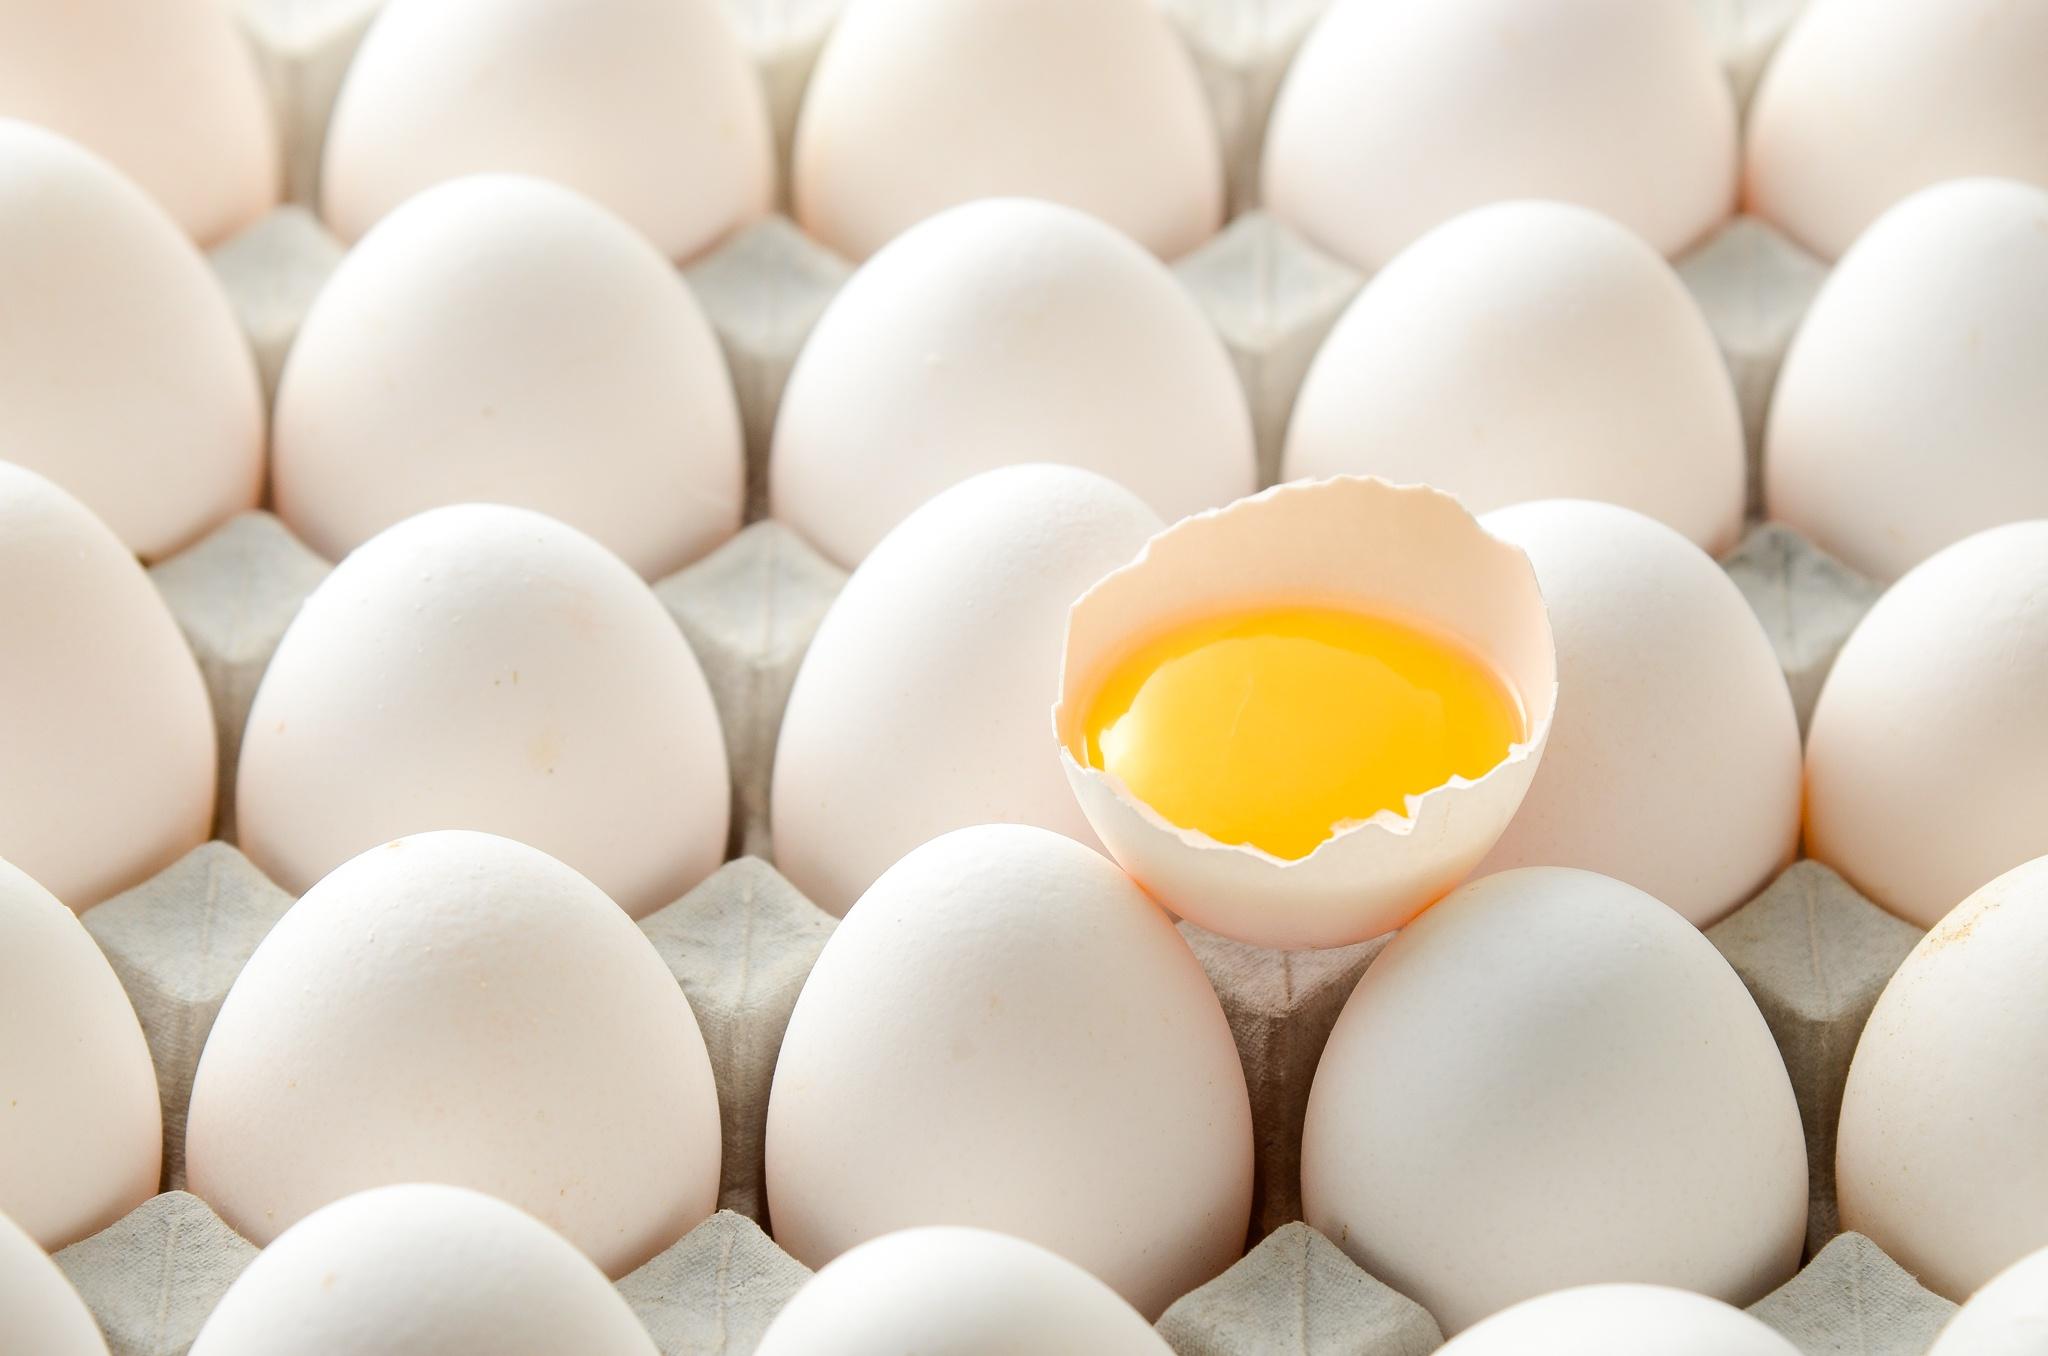 еда желток яйца food the yolk eggs  № 2999655 бесплатно